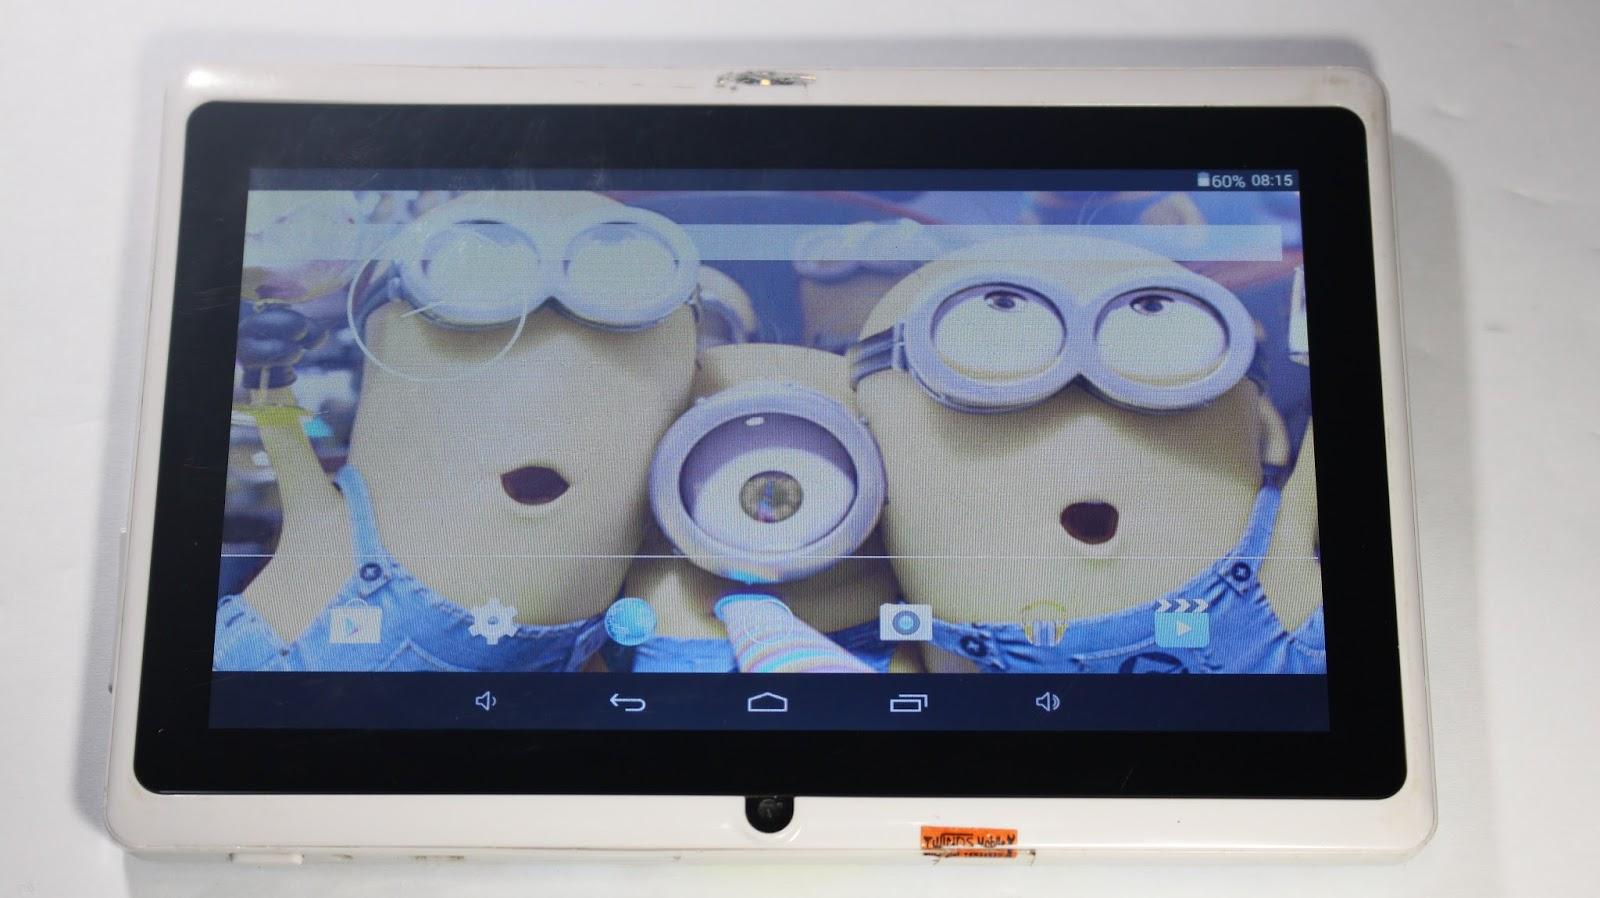 Mengatasi Tablet Wind Lupa Pola Tested By Robot Bambu Polytron W1400 Android Pada Umumnya Untuk Versi Kitkat Ke Bawah Itu Sangat Mudah Yaitu Dengan Melakukan Factory Reset Lewat Recovery